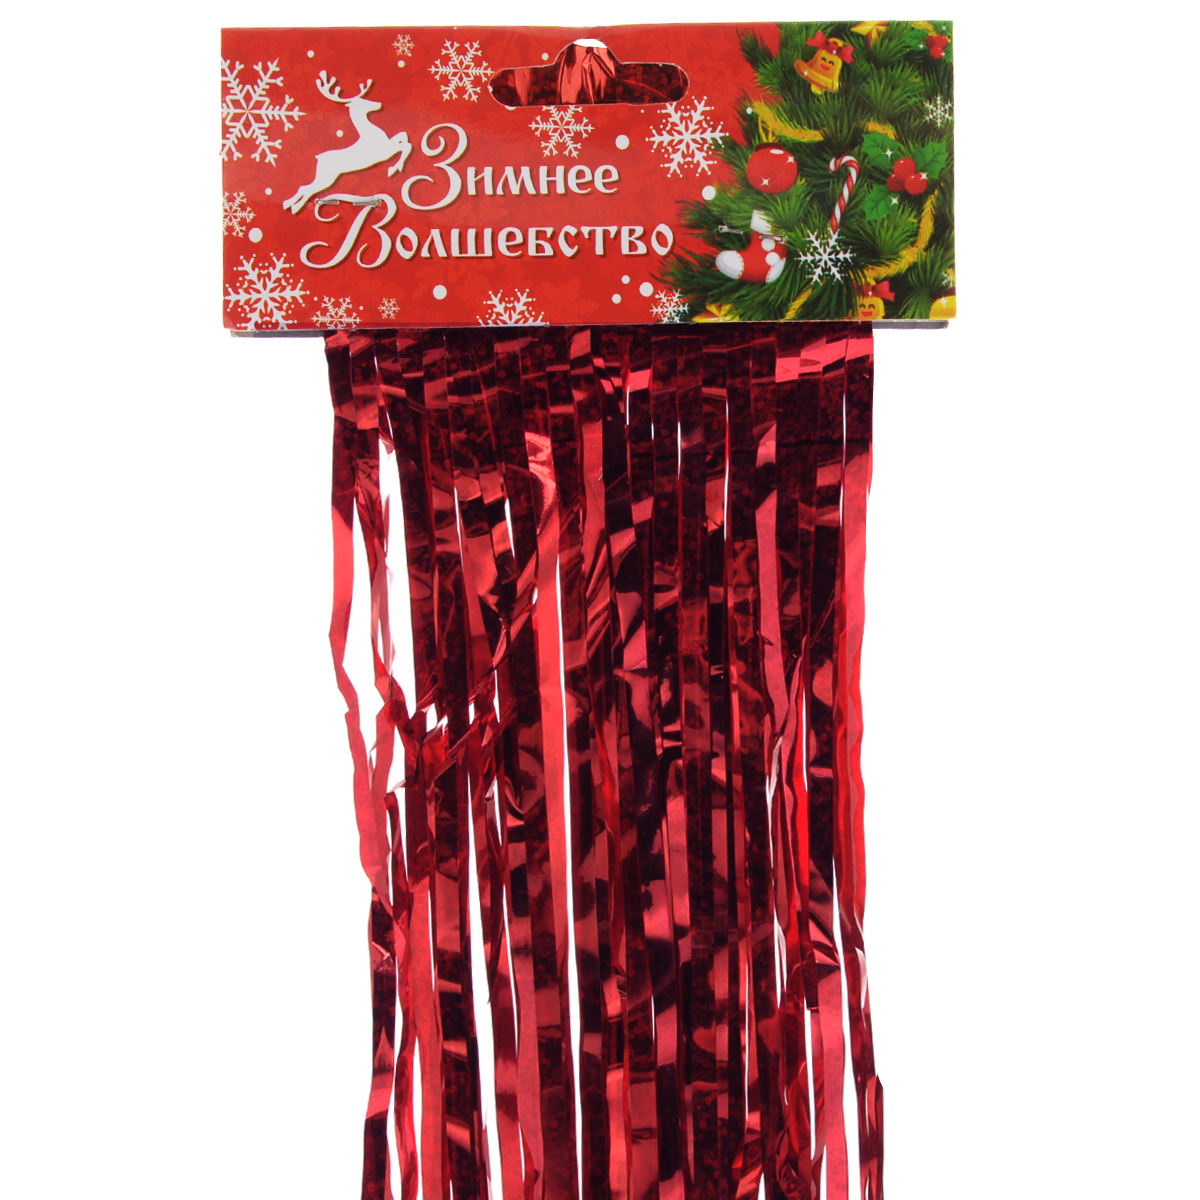 Дождик новогодний Sima-land, цвет: красный, 15 см х 1 м. 702534702534Новогодний дождик Sima-land, изготовленный из фольги, поможет вам украсить свой дом к предстоящим праздникам. Новогодняя елка с таким украшением станет еще наряднее. Новогодним дождиком можно украсить все, что угодно - елку, квартиру, дачу, офис - как внутри, так и снаружи. Можно сложить новогодние поздравления, буквы и цифры, дождиком можно украсить и дополнить гирлянды, можно выделить дверные колонны, оплести дверные проемы.Коллекция декоративных украшений из серии Зимнее волшебство принесет в ваш дом ни с чем не сравнимое ощущение праздника! Создайте в своем доме атмосферу тепла, веселья и радости, украшая его всей семьей.Ширина: 15 см.